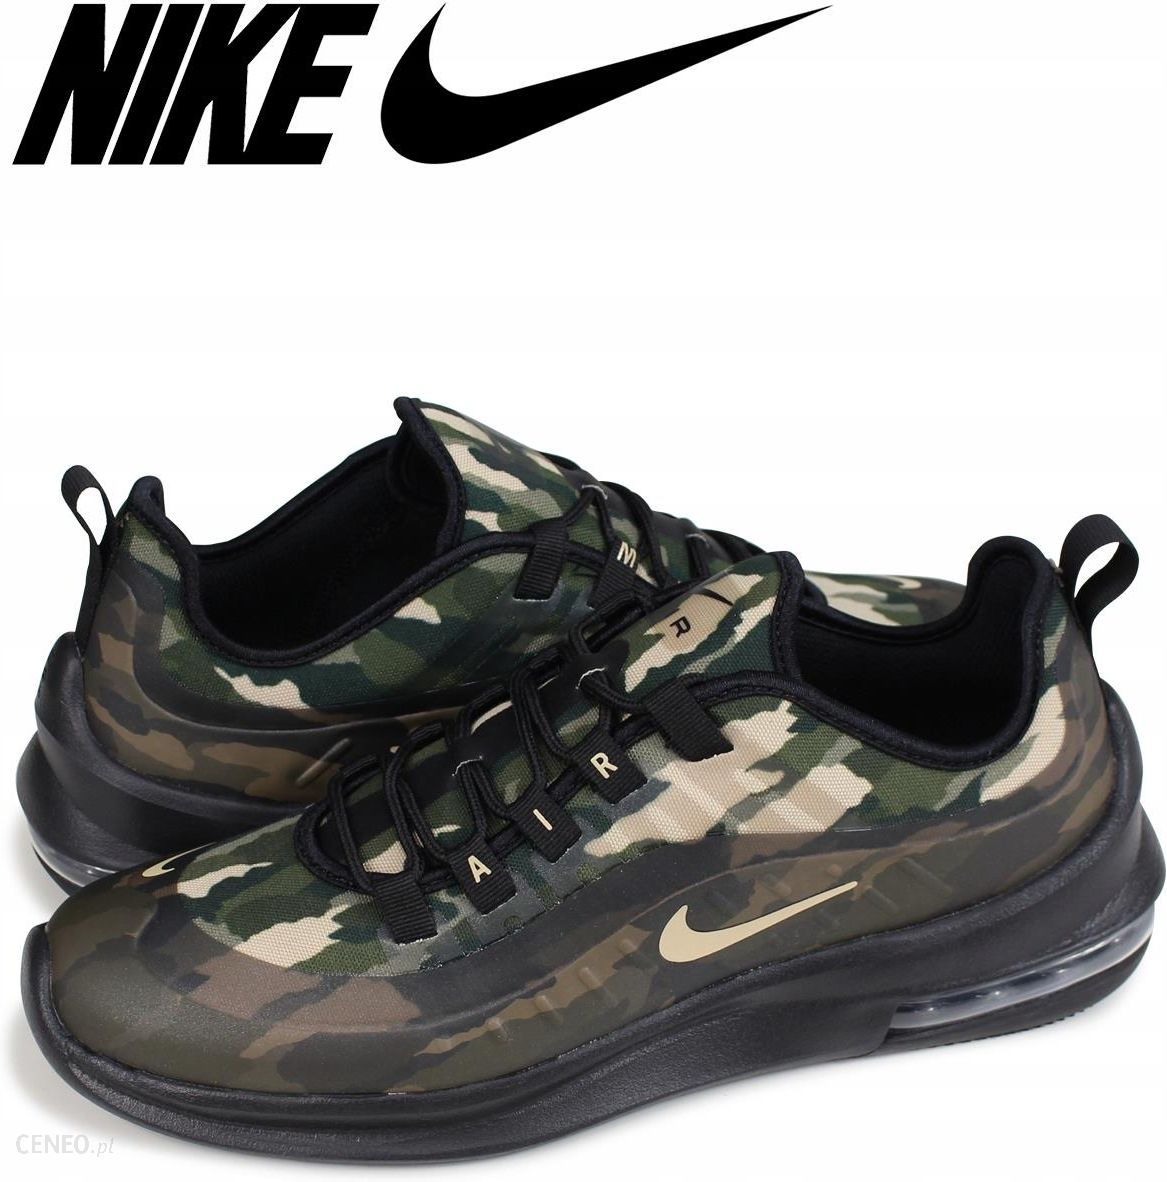 autoryzowana strona sprzedawane na całym świecie nowa wysoka jakość Buty Nike Air Max Axis Prem AA2148 002 Moro r.42,5 - Ceny i opinie -  Ceneo.pl